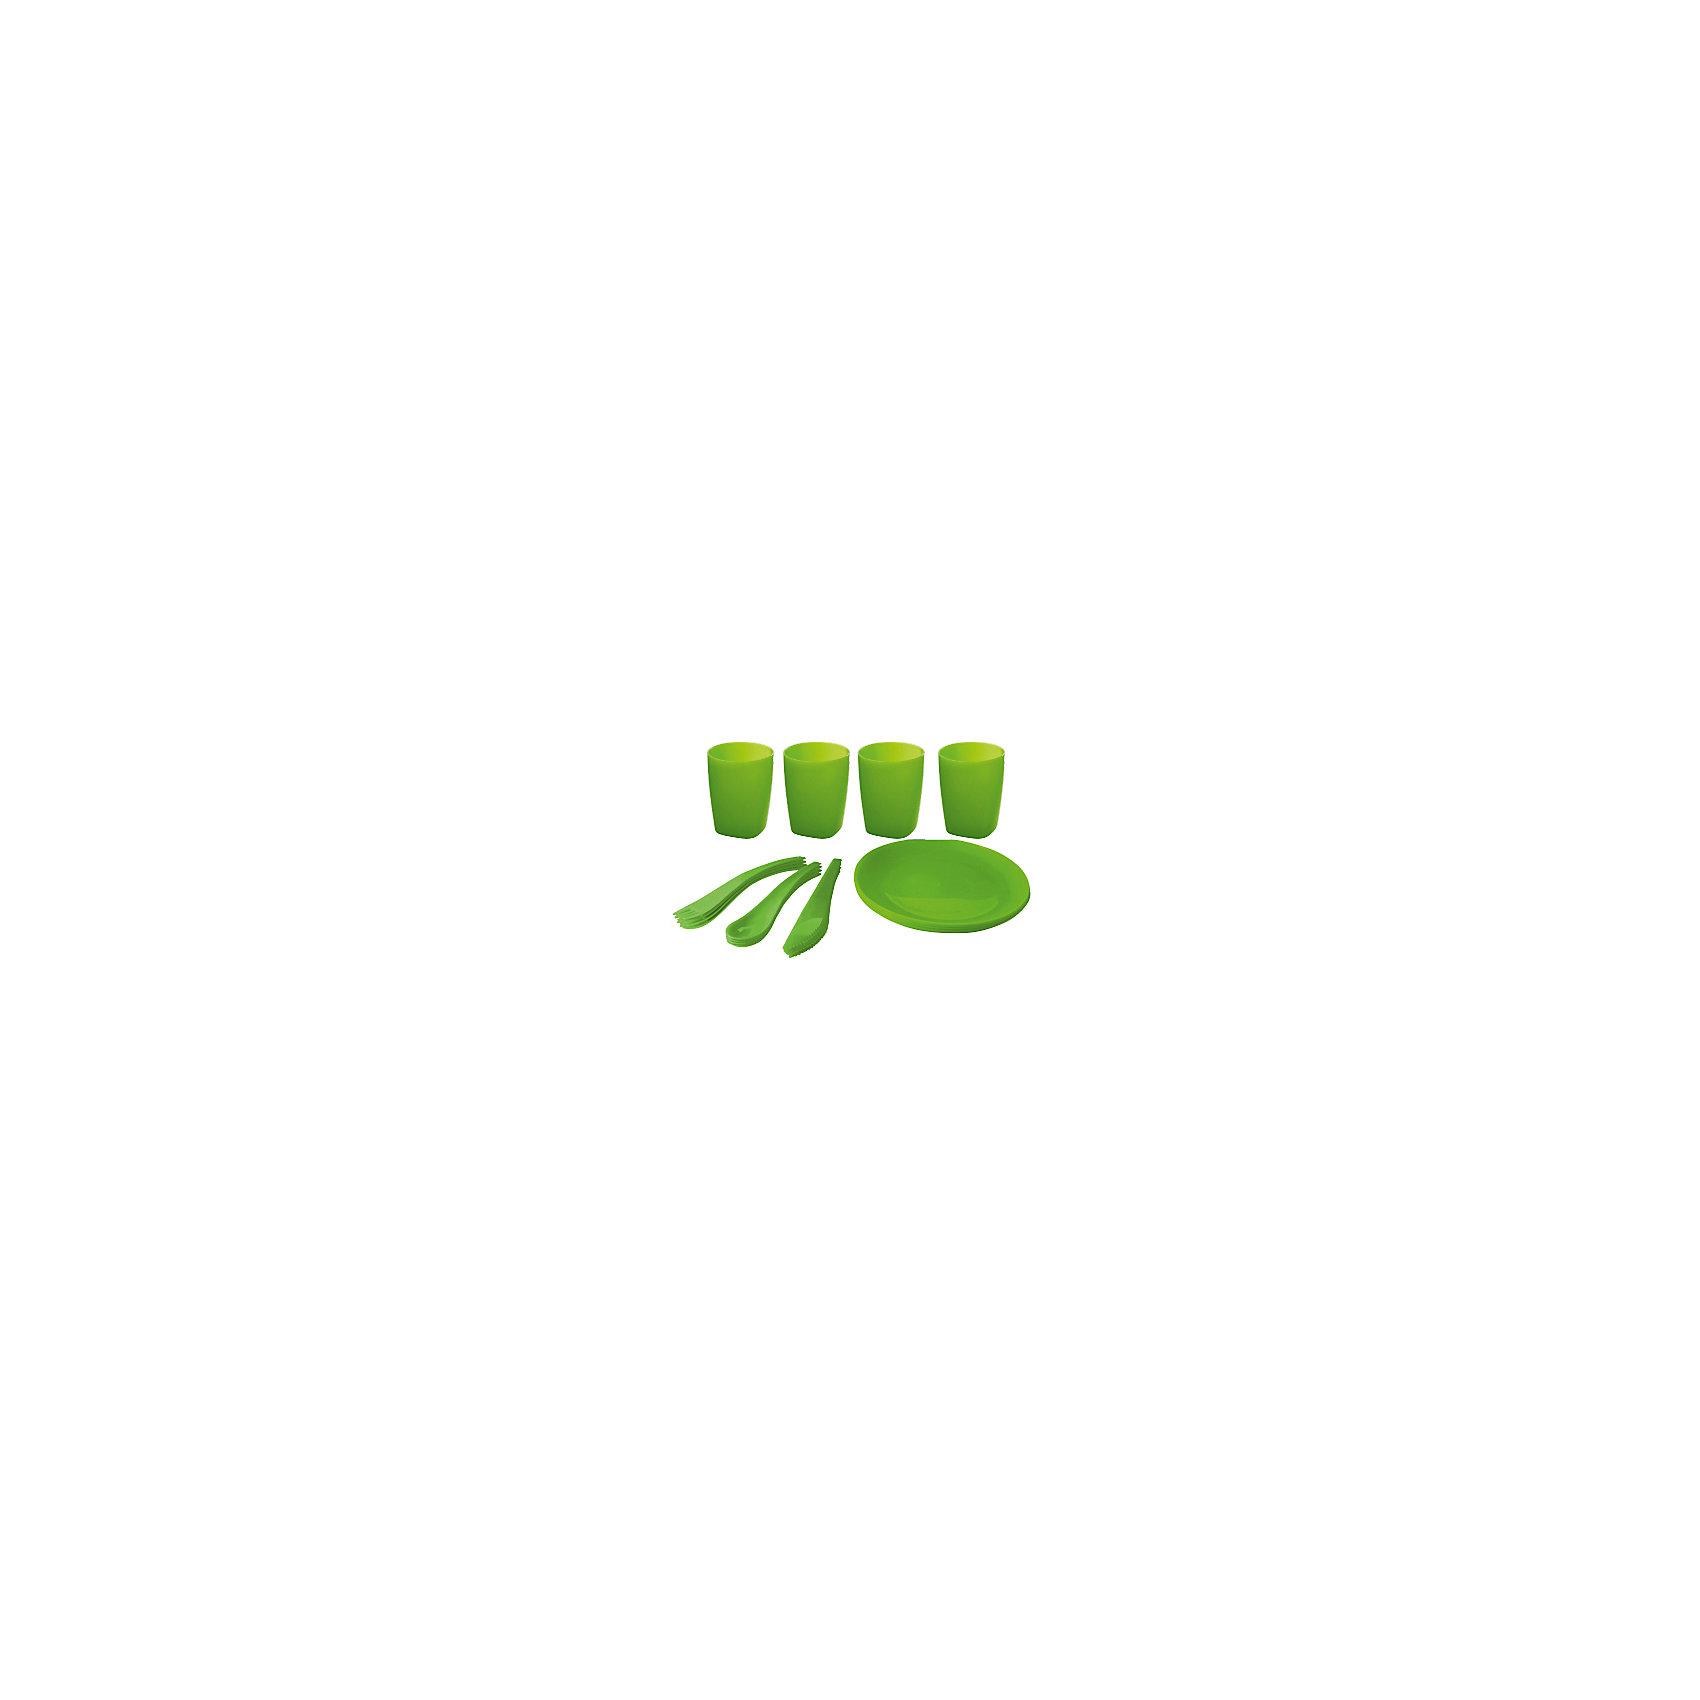 Мини-набор для пикника и барбекю на 4 персоны, Plastic CentreПосуда<br>Мини-набор для пикника и барбекю на 4 персоны, Plastic Centre<br><br>Характеристики:<br><br>• Материал: пластик<br>• Цвет: зеленый<br>• В комплекте: тарелка, 4 стакана, столовые приборы<br>• Количество человек: 4<br><br>Этот удобный набор для пикника имеет в комплекте все, что может понадобиться для загородной поездки.  В нем имеются наборы на 6 персон, а сам он выполнен из высококачественного пластика, который безопасен, легко моется и устойчив к царапинам. По этой причине данный набор подходит для многократного использования. В комплекте имеются: тарелка, 4 стакана, столовые приборы.<br><br>Мини-набор для пикника и барбекю на 4 персоны, Plastic Centre можно купить в нашем интернет-магазине.<br><br>Ширина мм: 305<br>Глубина мм: 205<br>Высота мм: 100<br>Вес г: 473<br>Возраст от месяцев: 216<br>Возраст до месяцев: 1188<br>Пол: Унисекс<br>Возраст: Детский<br>SKU: 5545705